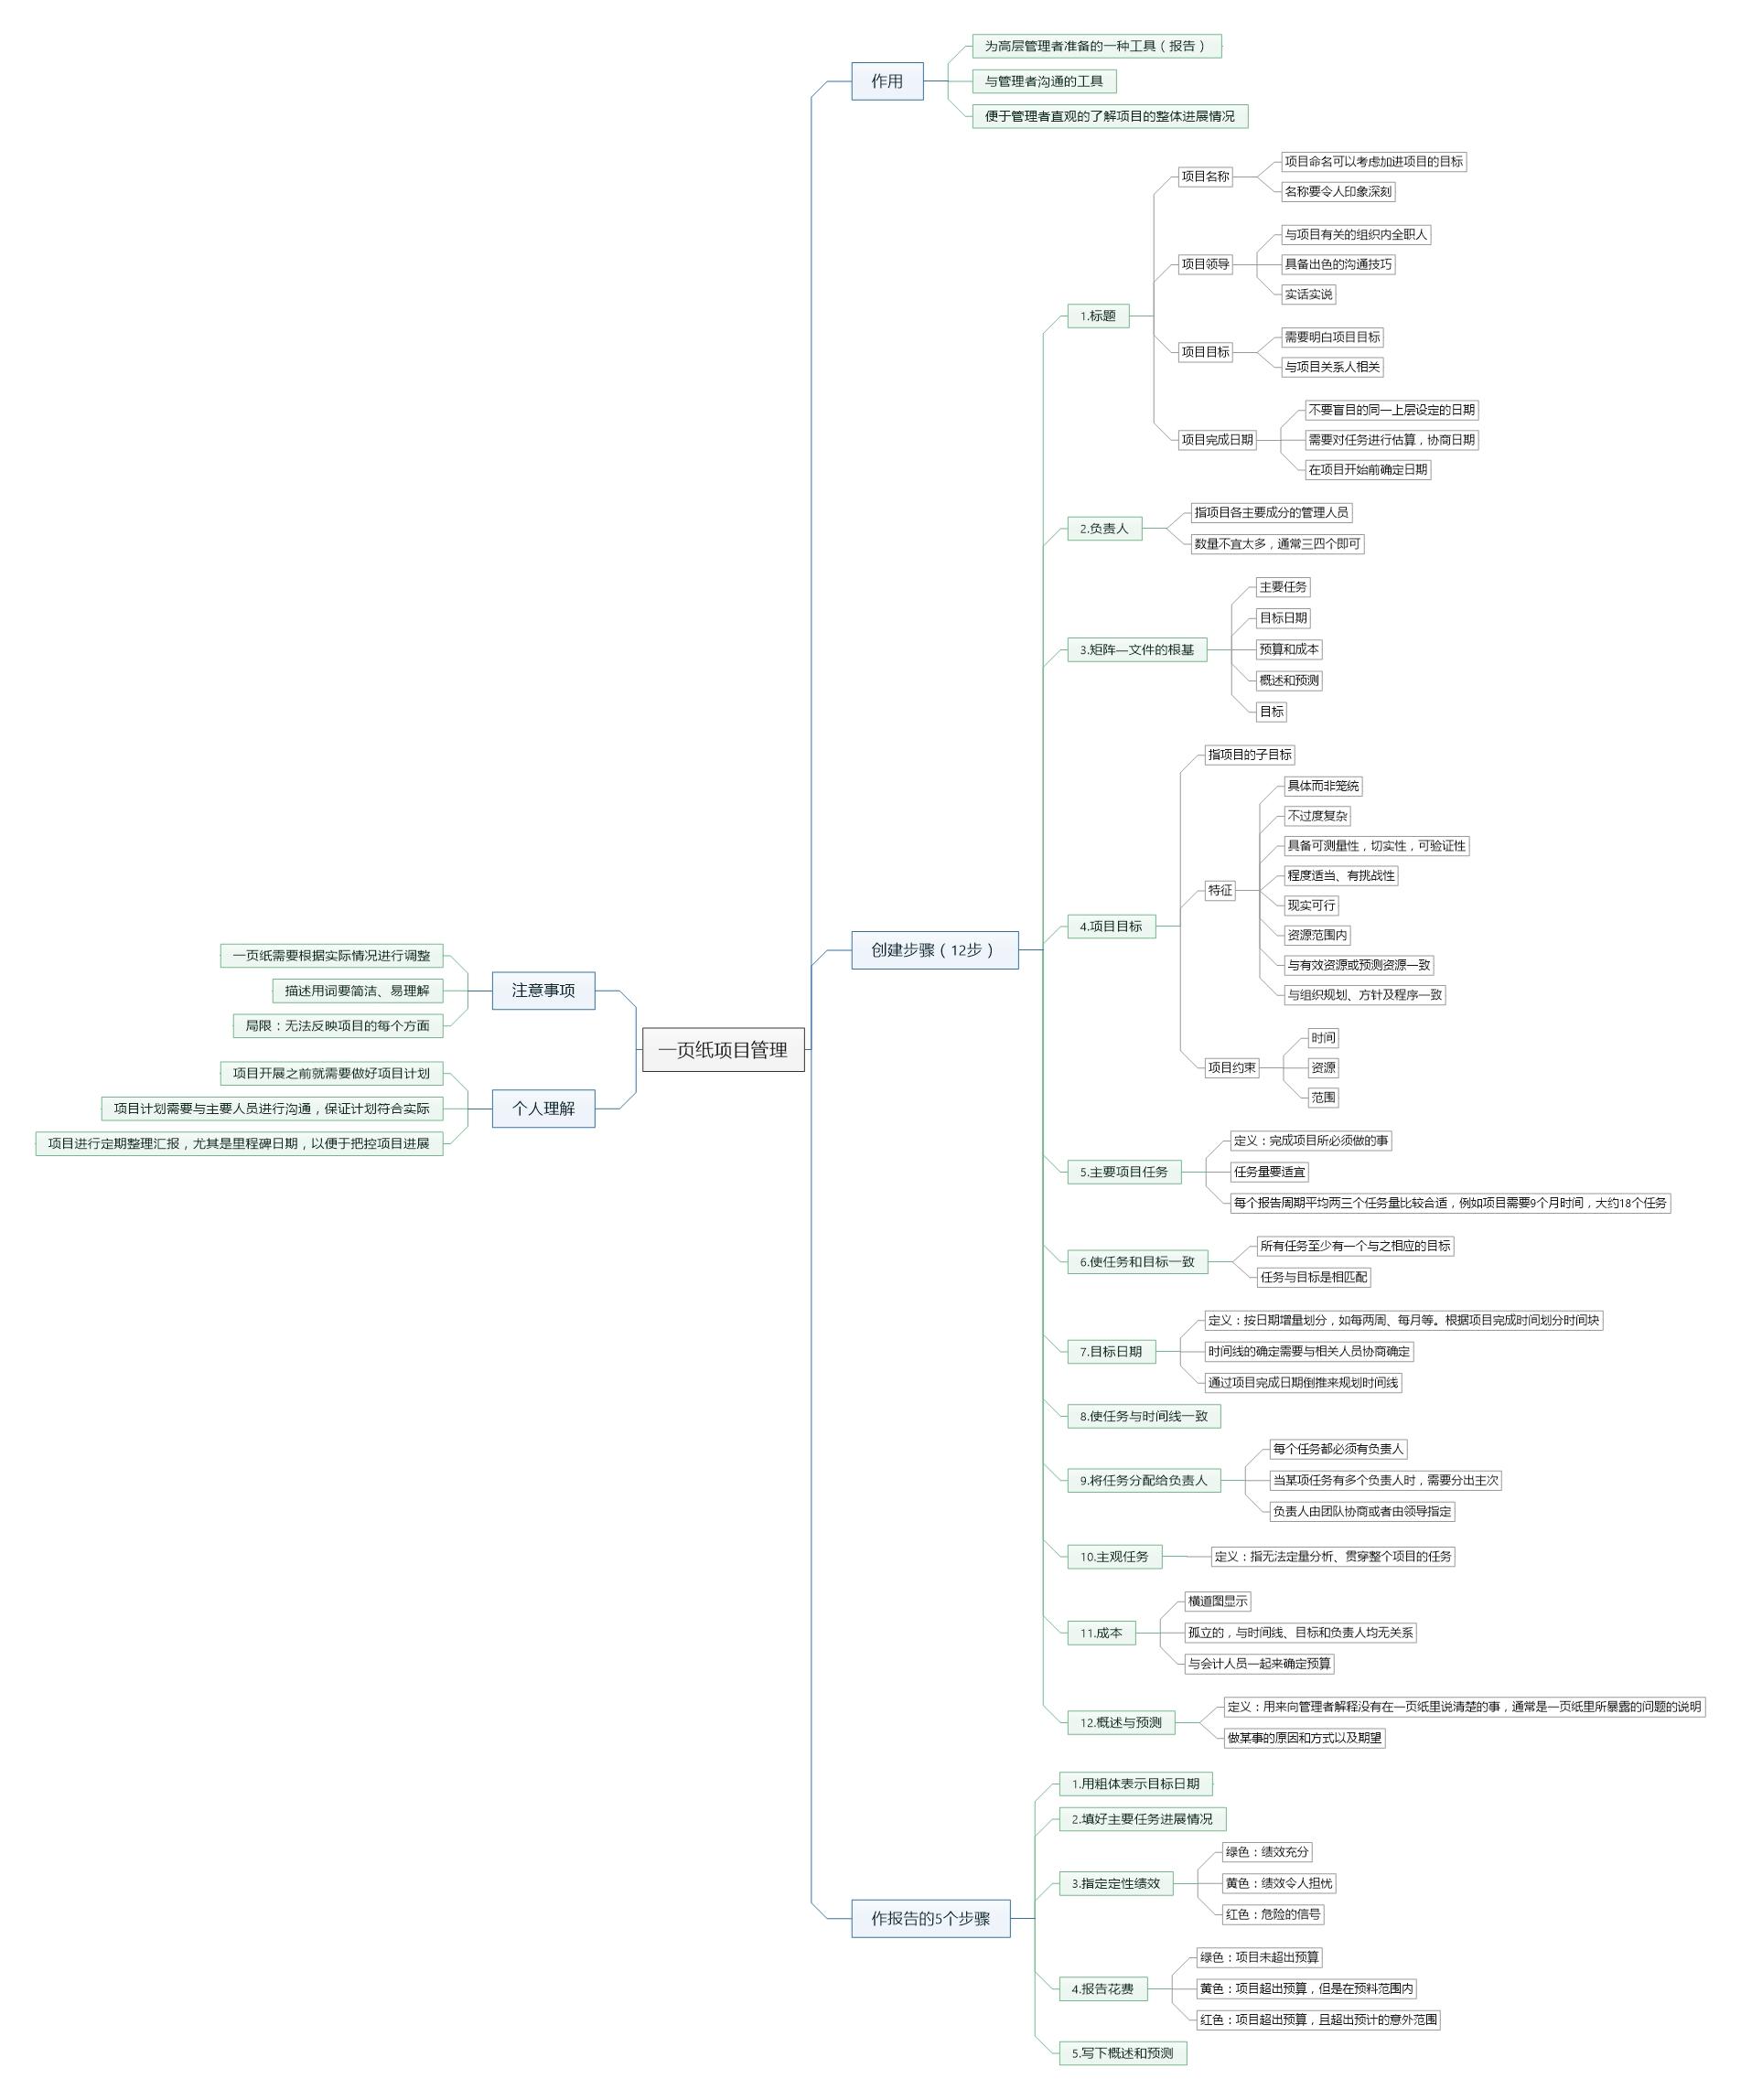 一页纸项目管理